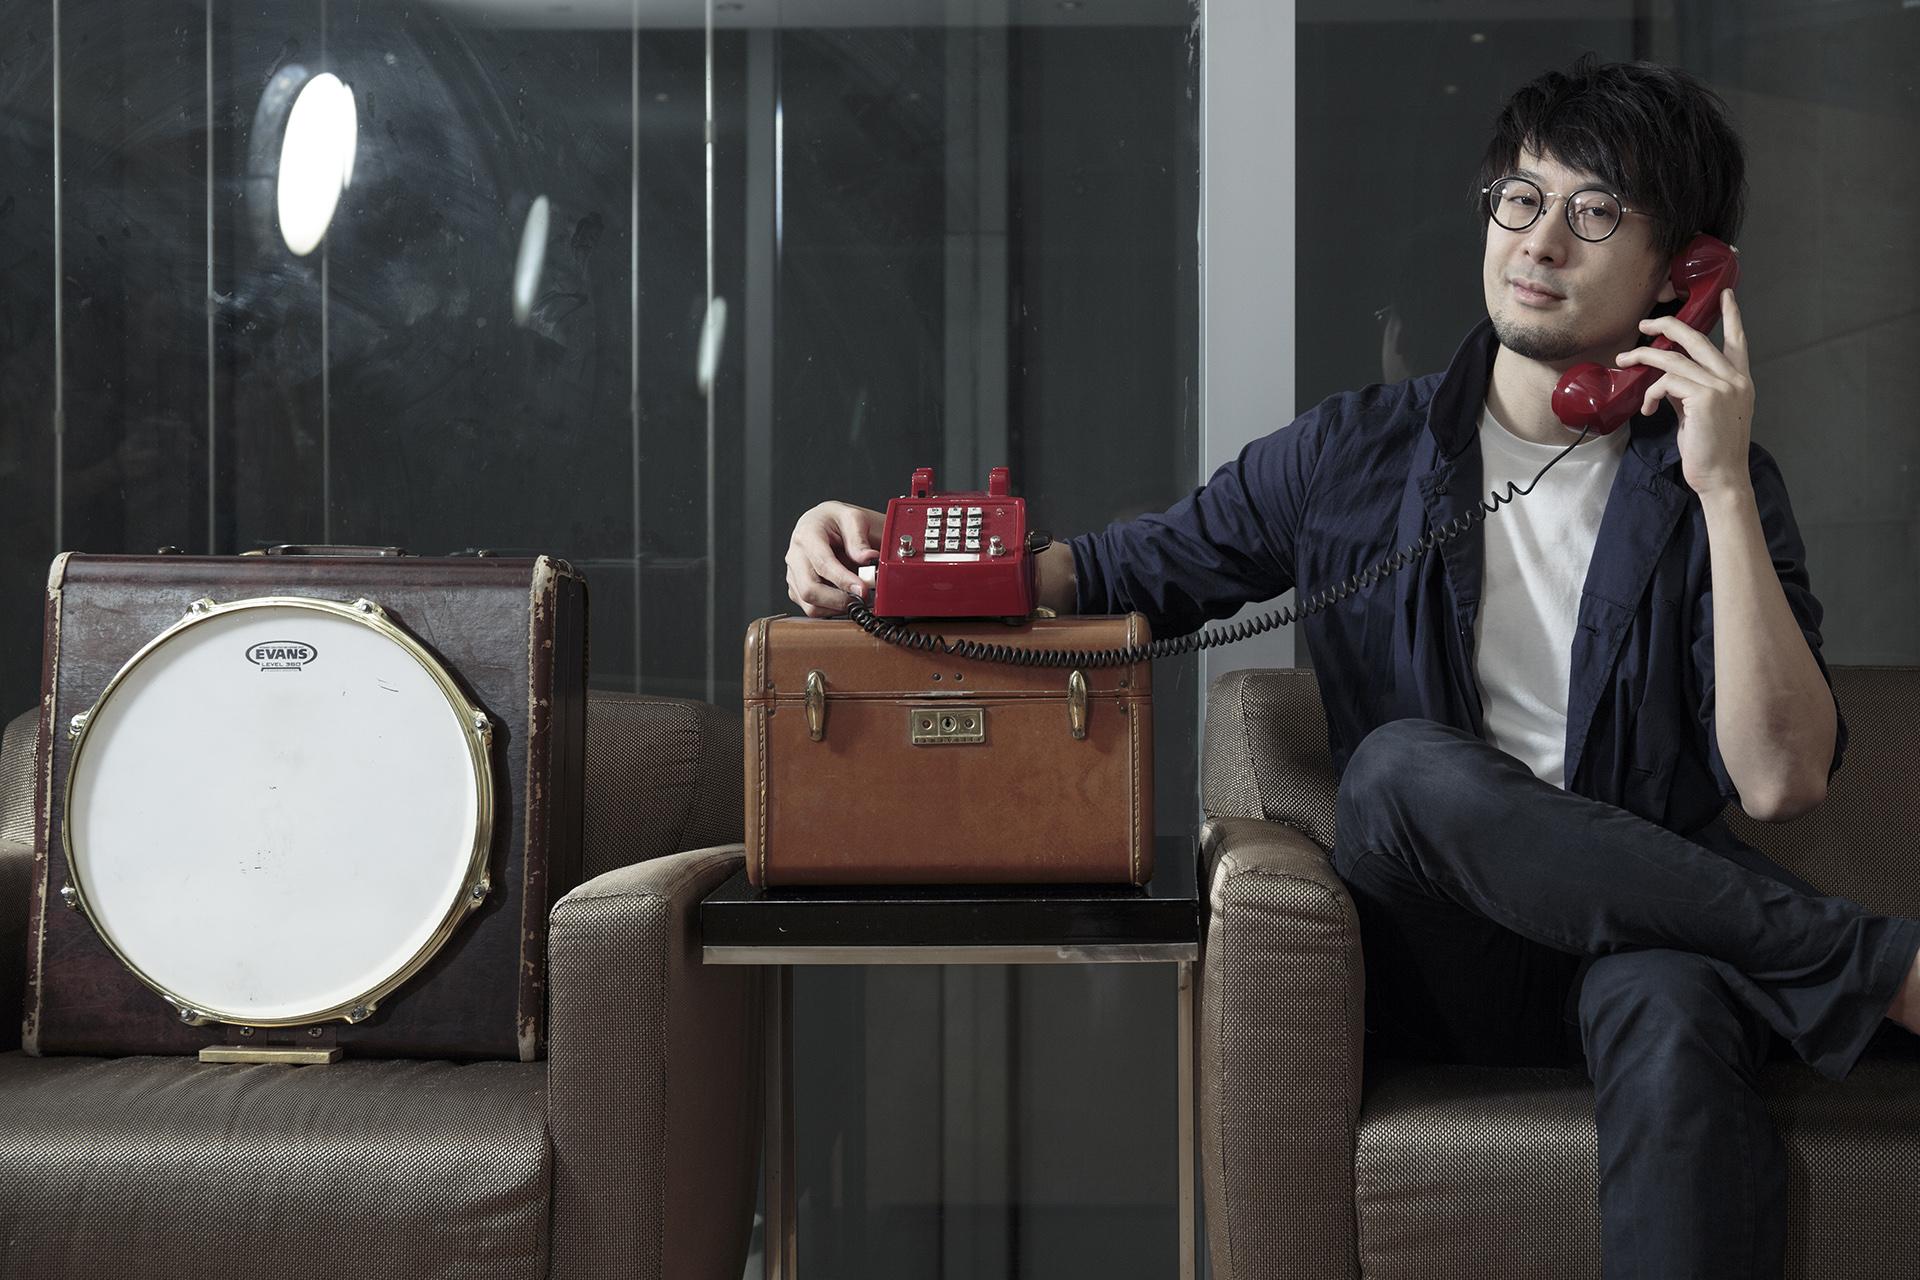 行李箱是鼓、電話筒是咪高峰,黃靖總有辦法設計新的樂器。